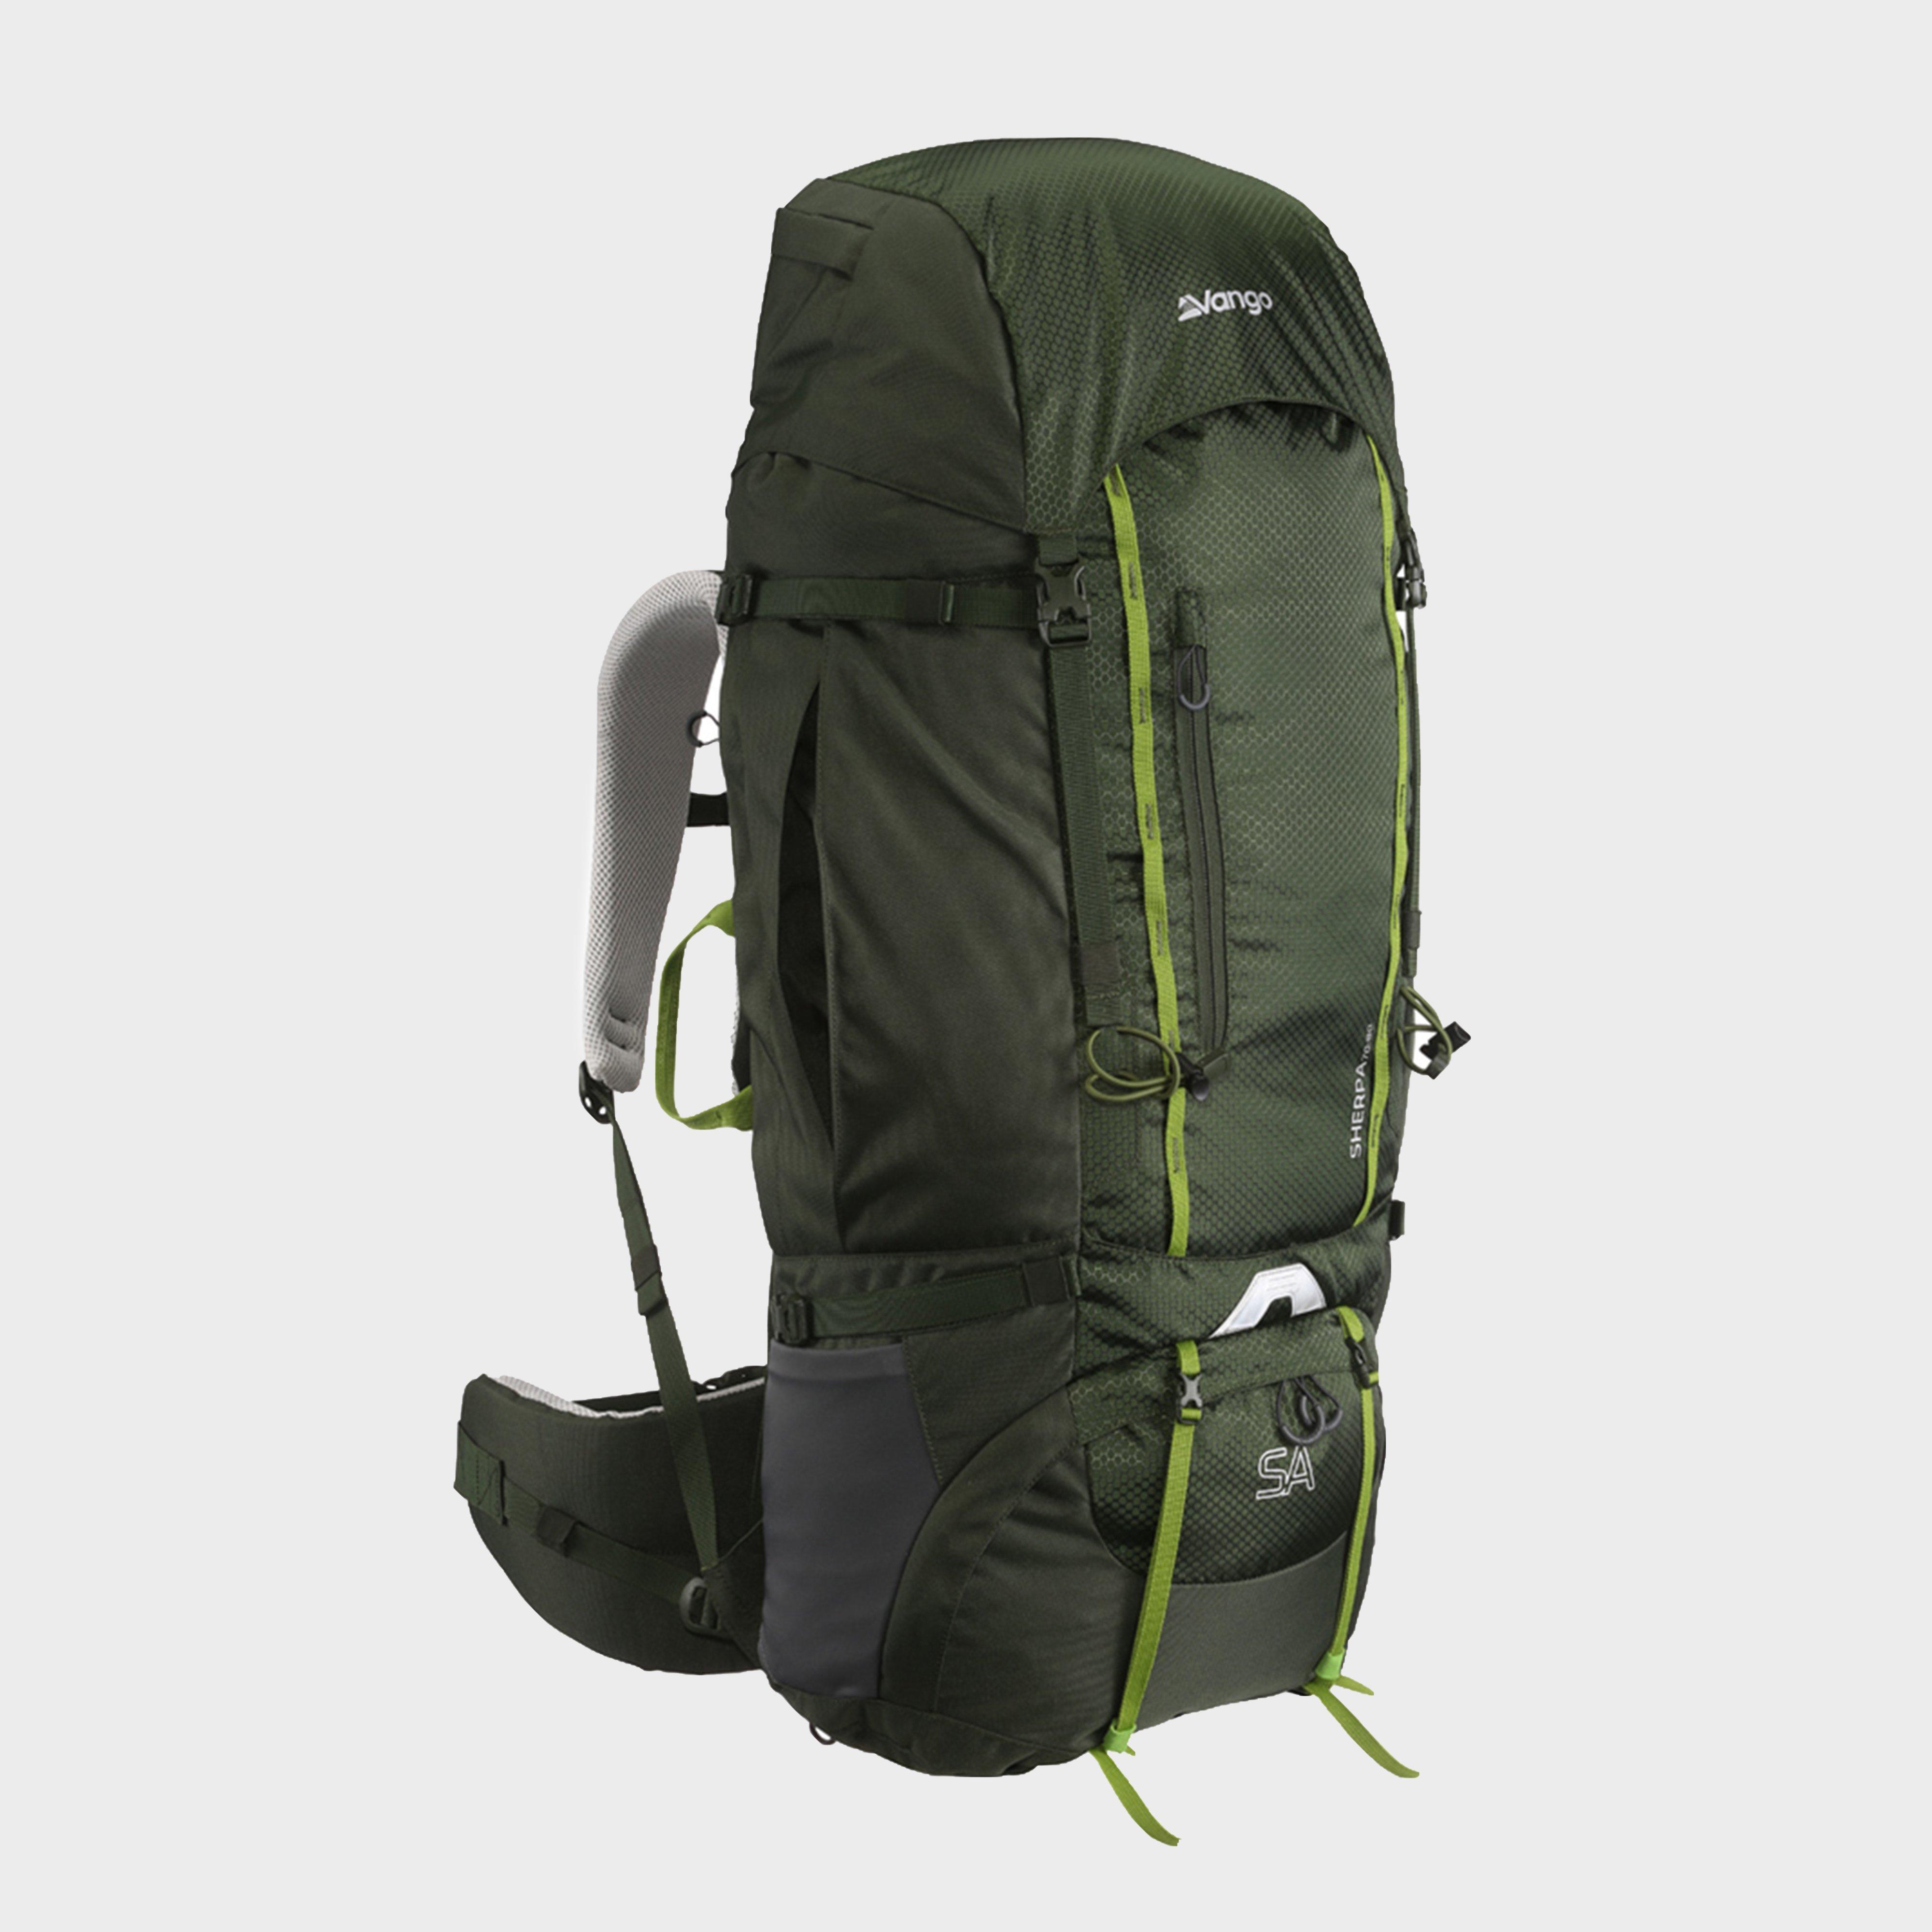 Vango Vango Sherpa 70 80 Rucksack